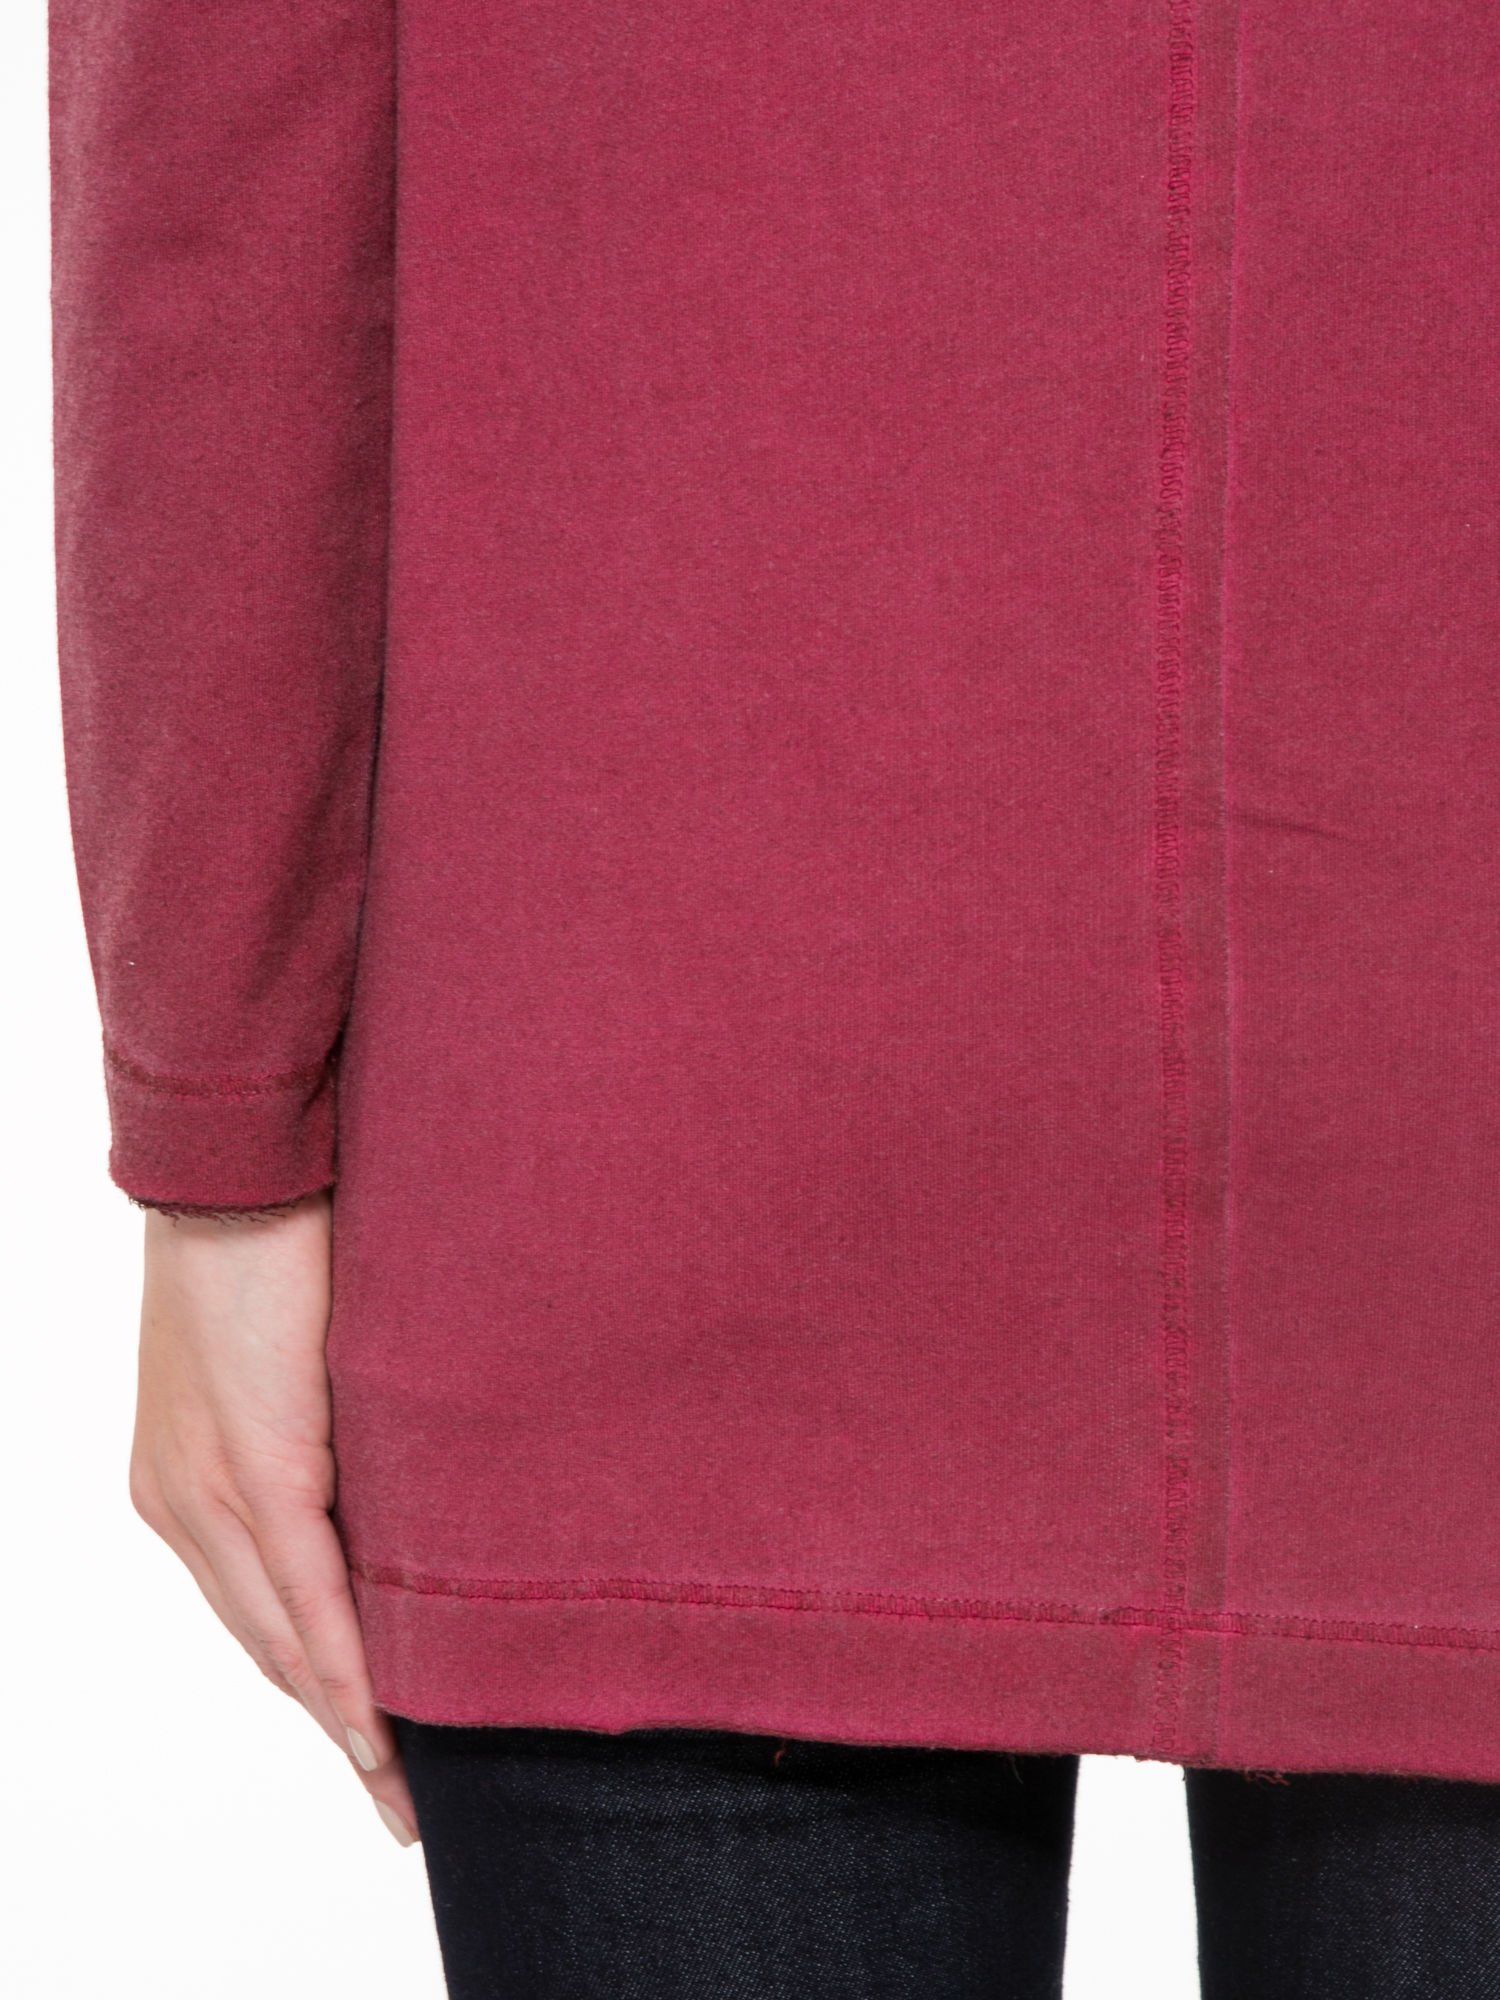 Bordowa bluza z surowym wykończeniem i widocznymi szwami                                  zdj.                                  8